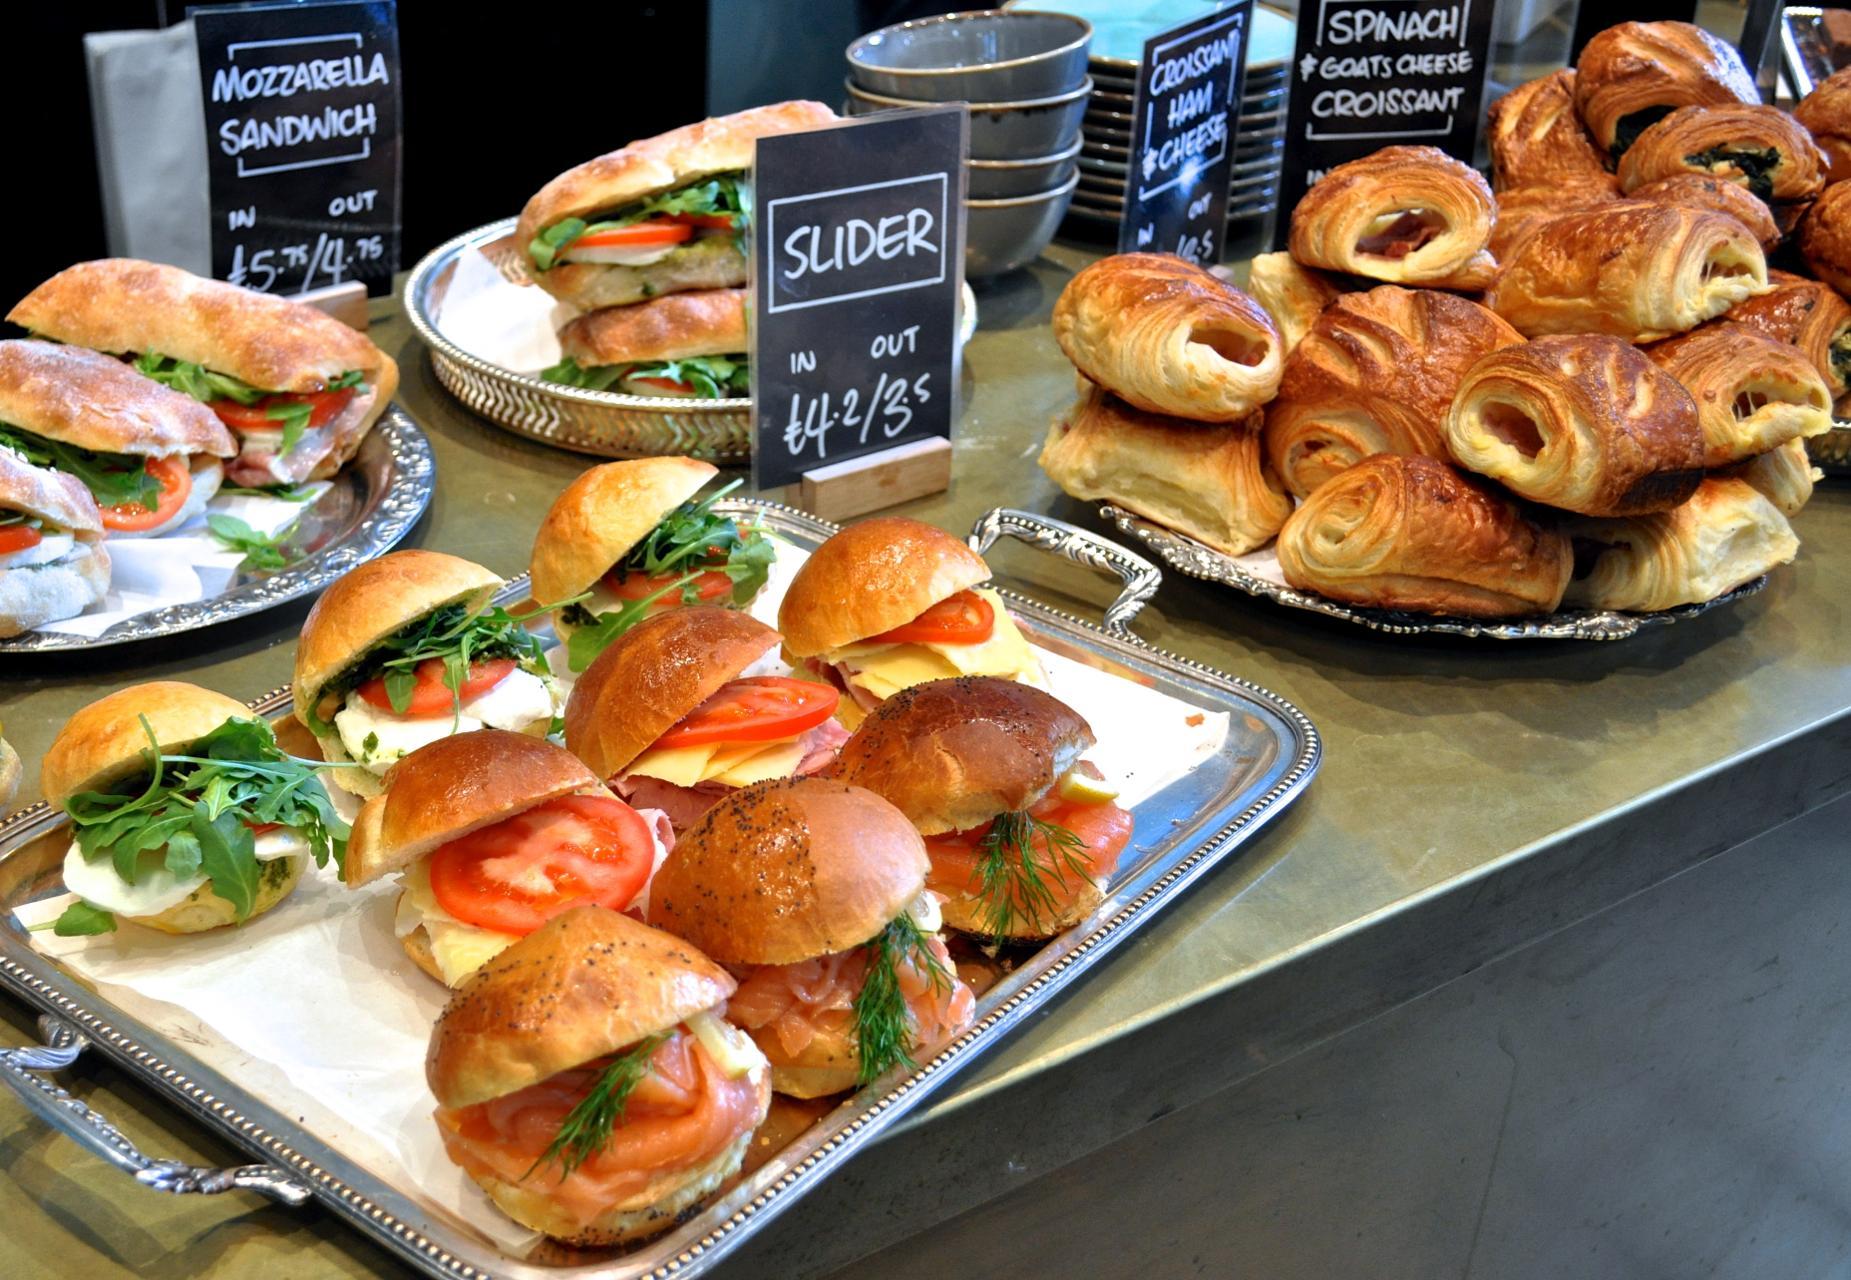 サンドイッチ類も充実。ランチに最適ですね。